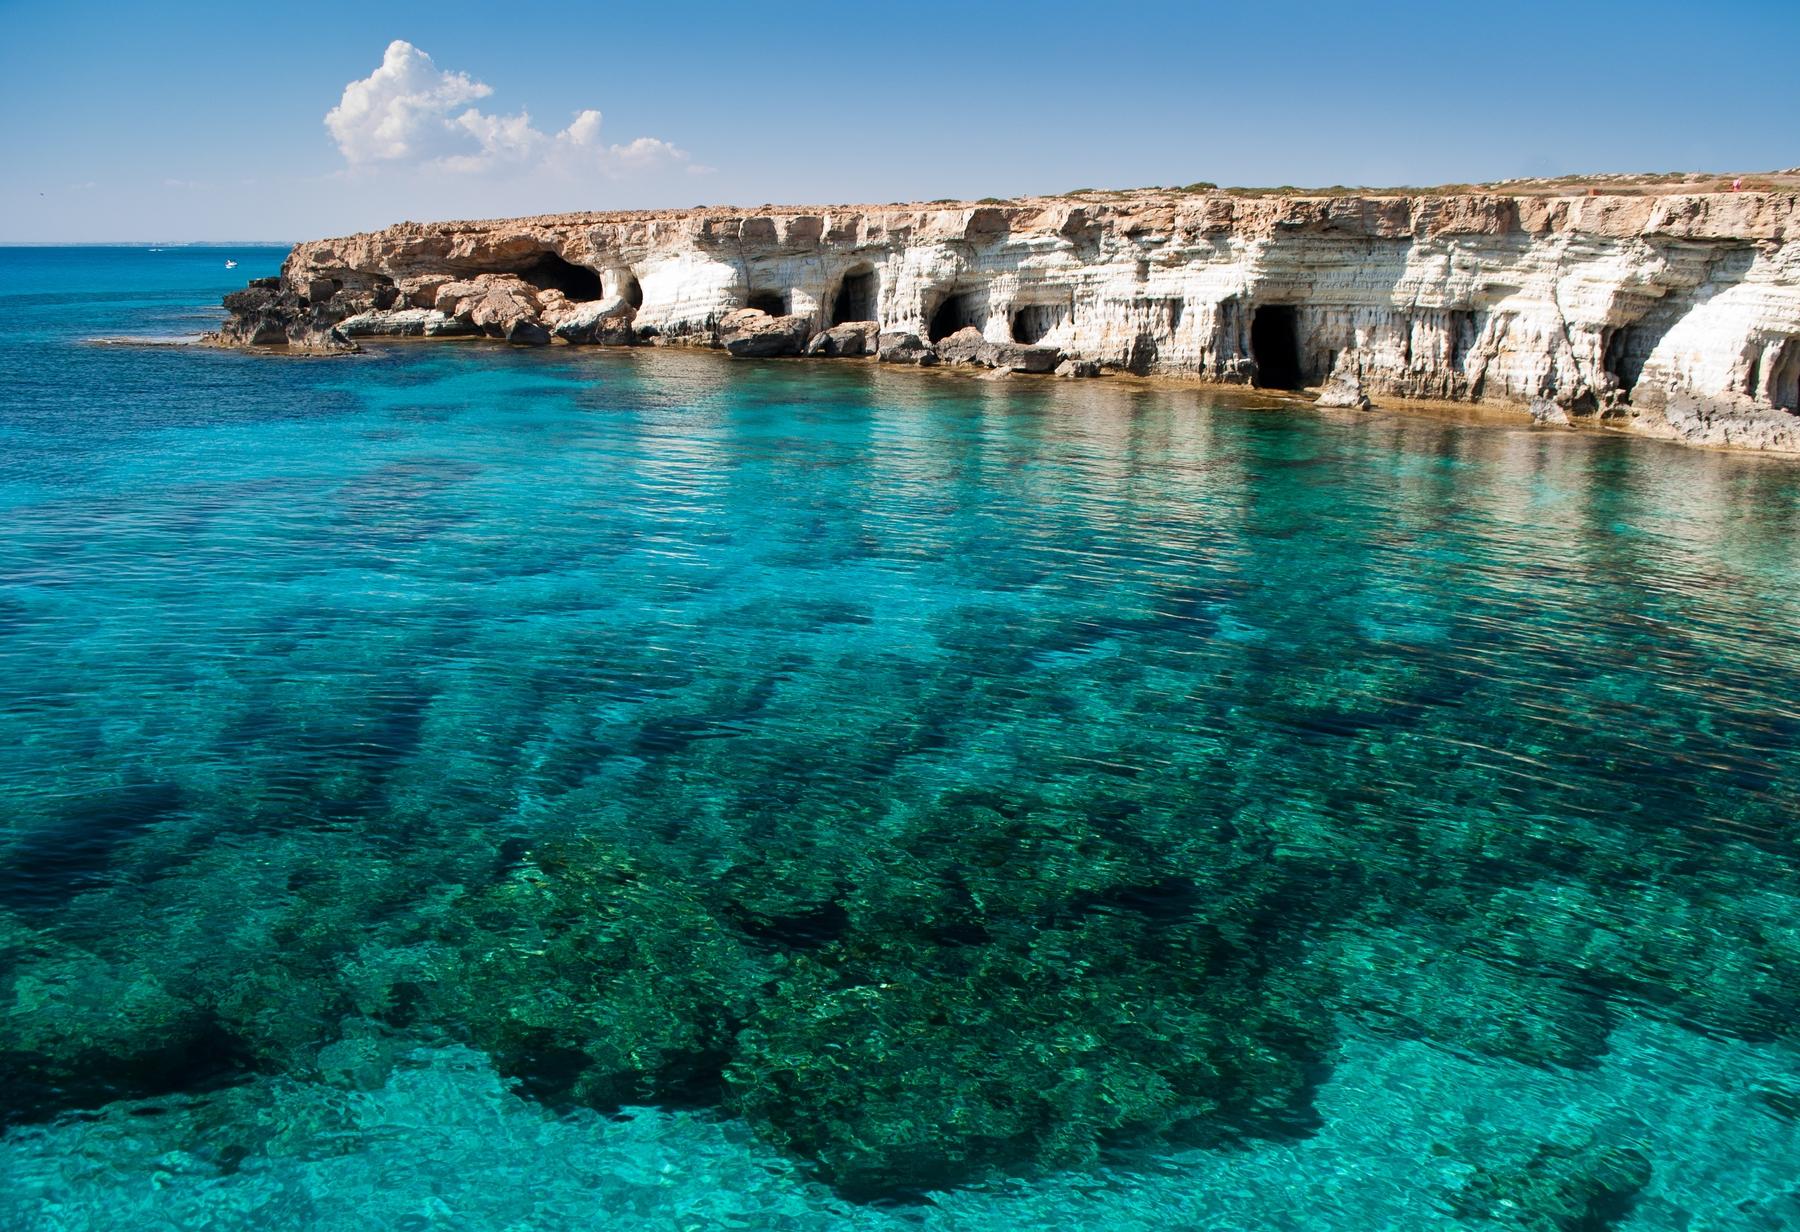 Национальный природный парк Каво Греко (Cape Greco National Forest Park, Κάβο Γκρέκο (греч.), или мыс Греко, на Кипре